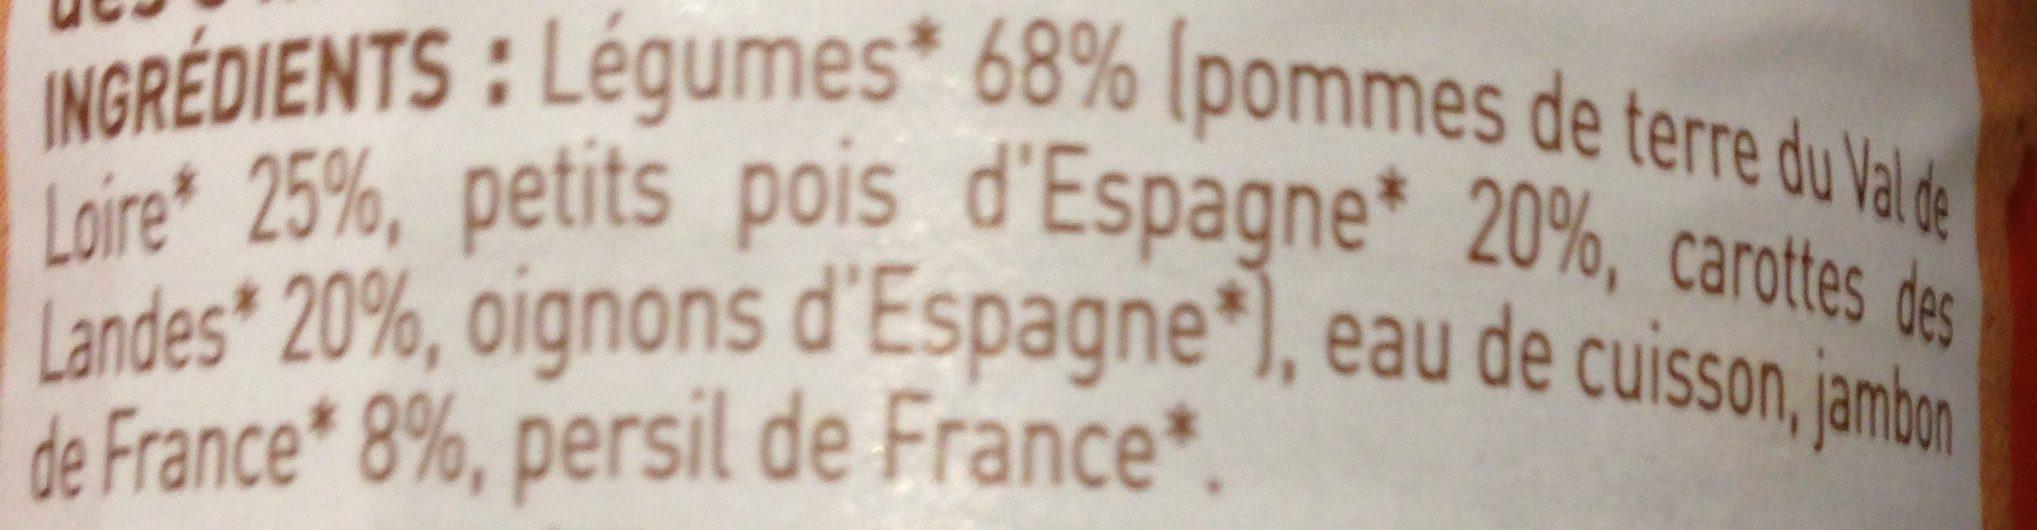 Pomme de terre petits pois jambon de france - Ingredients